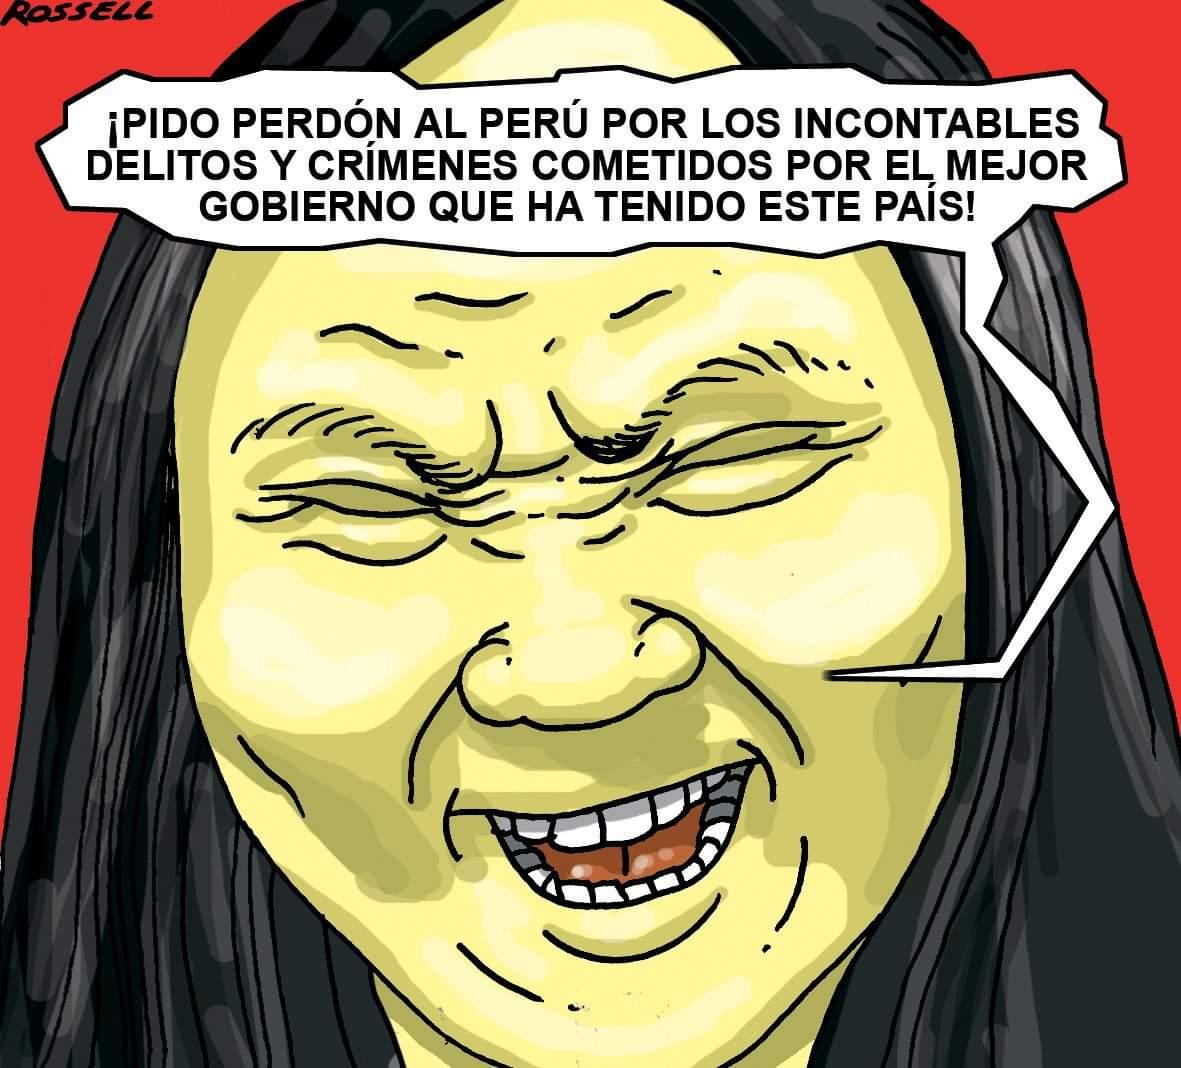 El legado criminal de Keiko Fujimori Misión Verdad, Venezuela